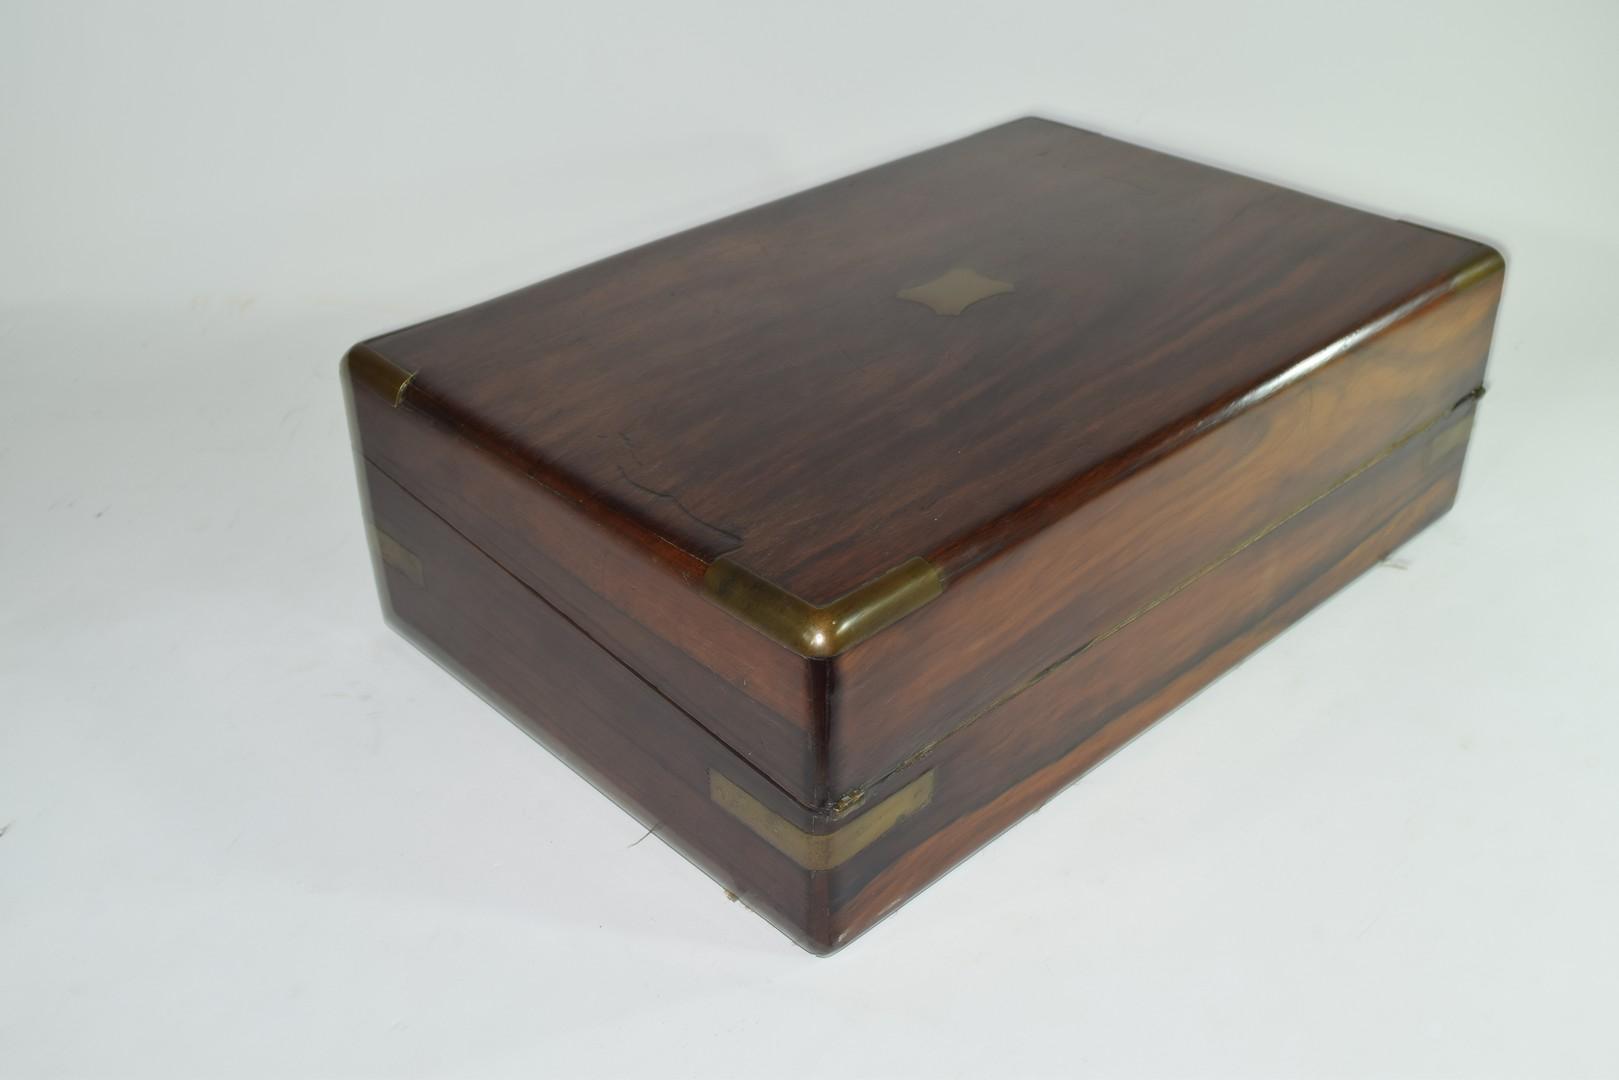 Late 19th century hardwood writing box - Image 3 of 6